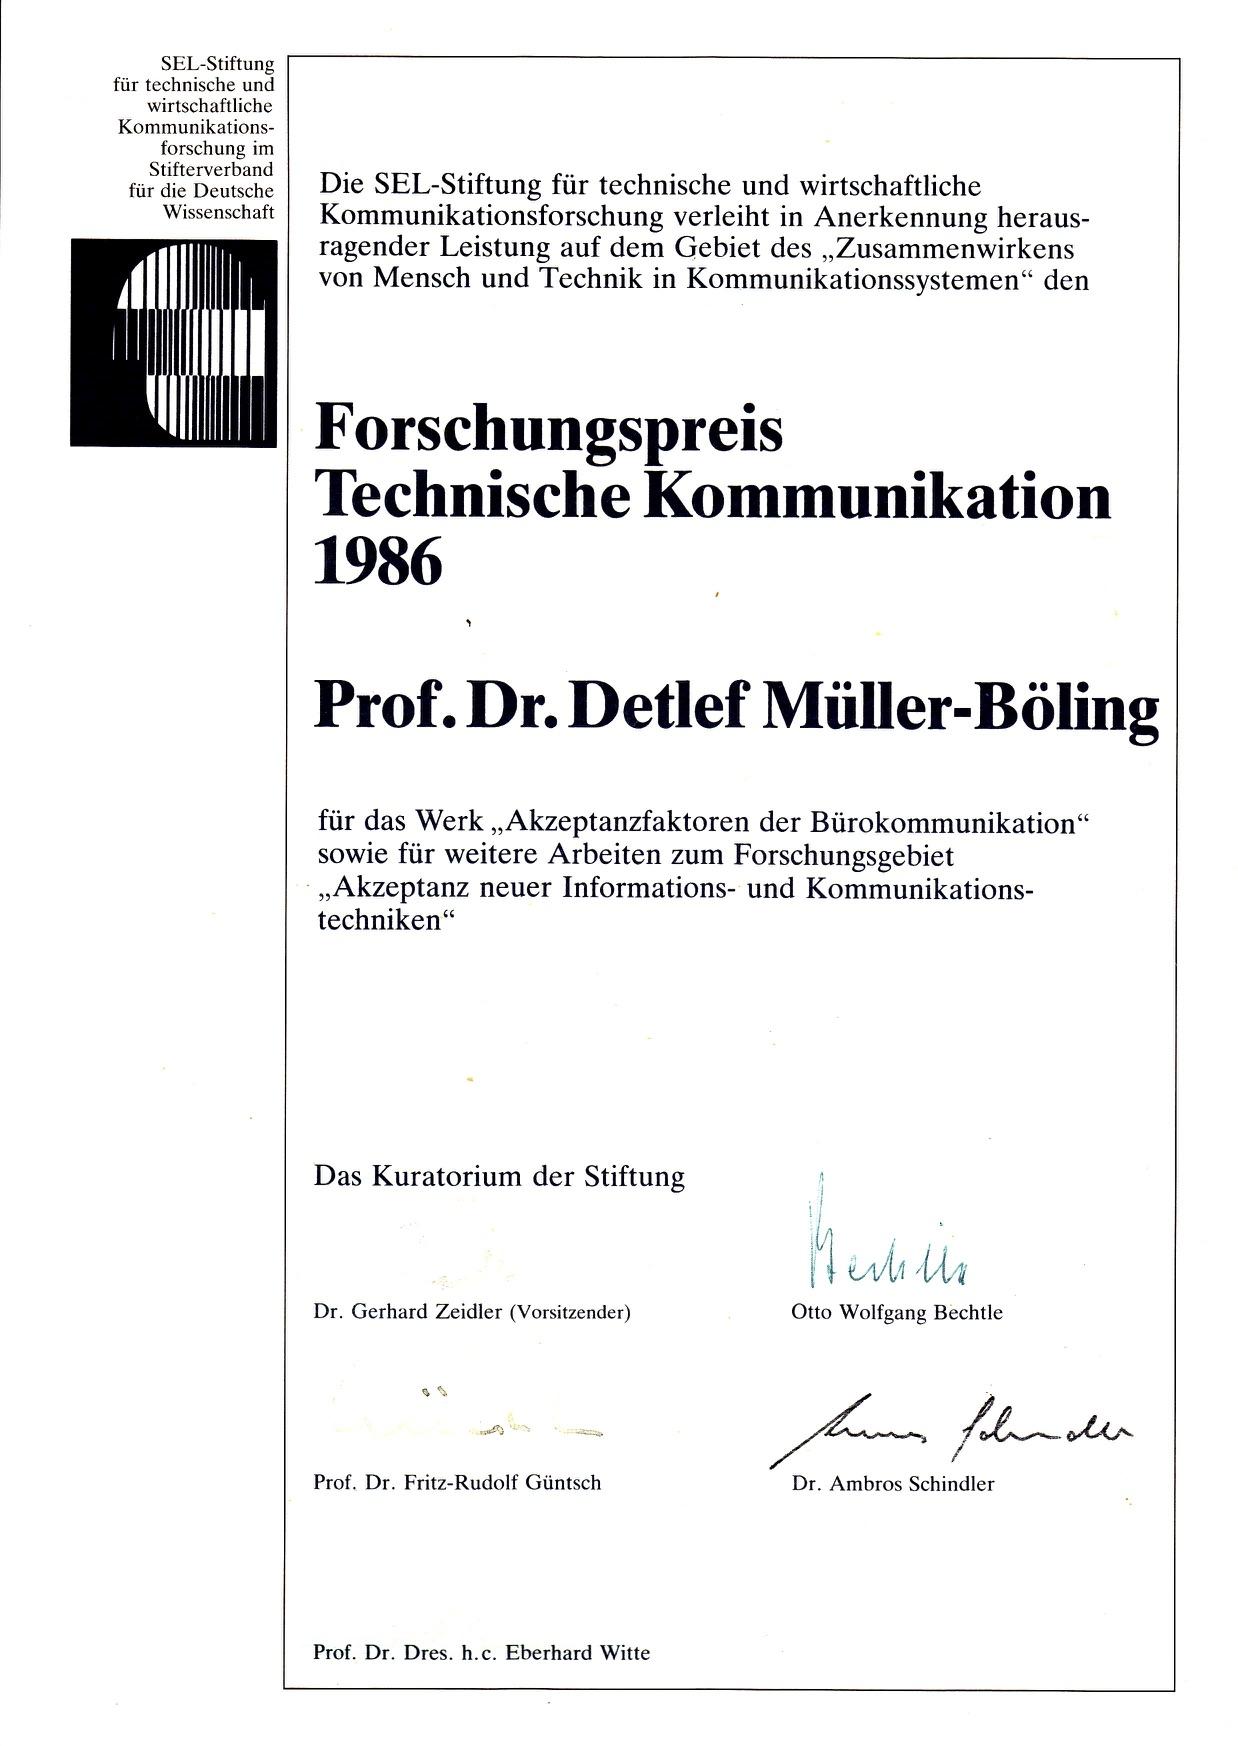 1986_09 SEL-Forschungspreis Urkunde